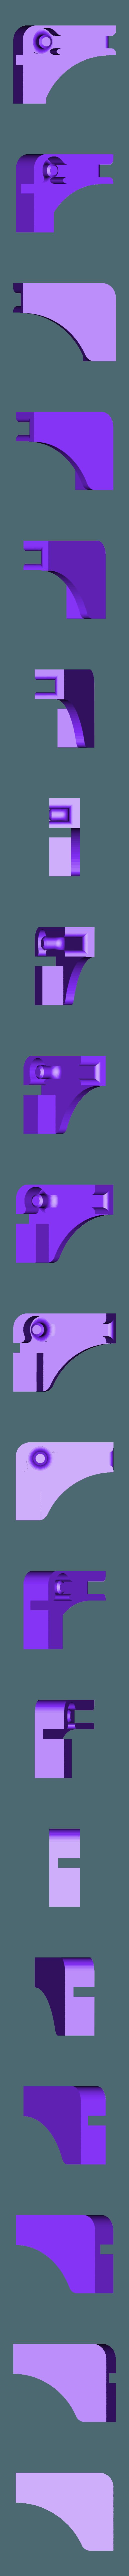 lanceur1.stl Télécharger fichier STL gratuit Shark knife • Design imprimable en 3D, rfbat